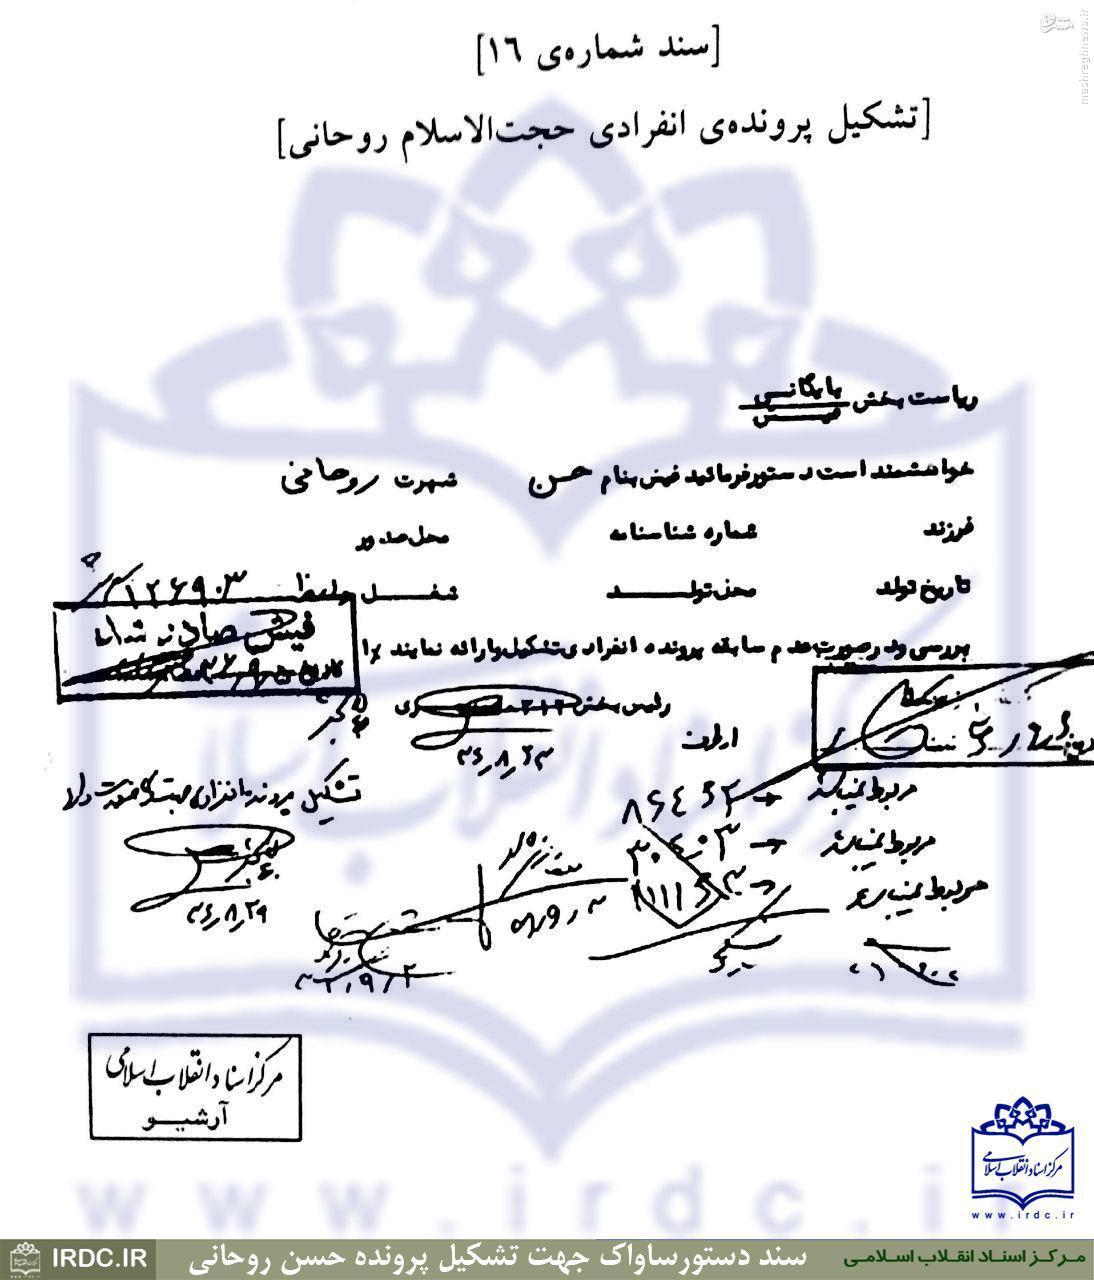 عکس/ دستور تشکیل پرونده برای حسن روحانی